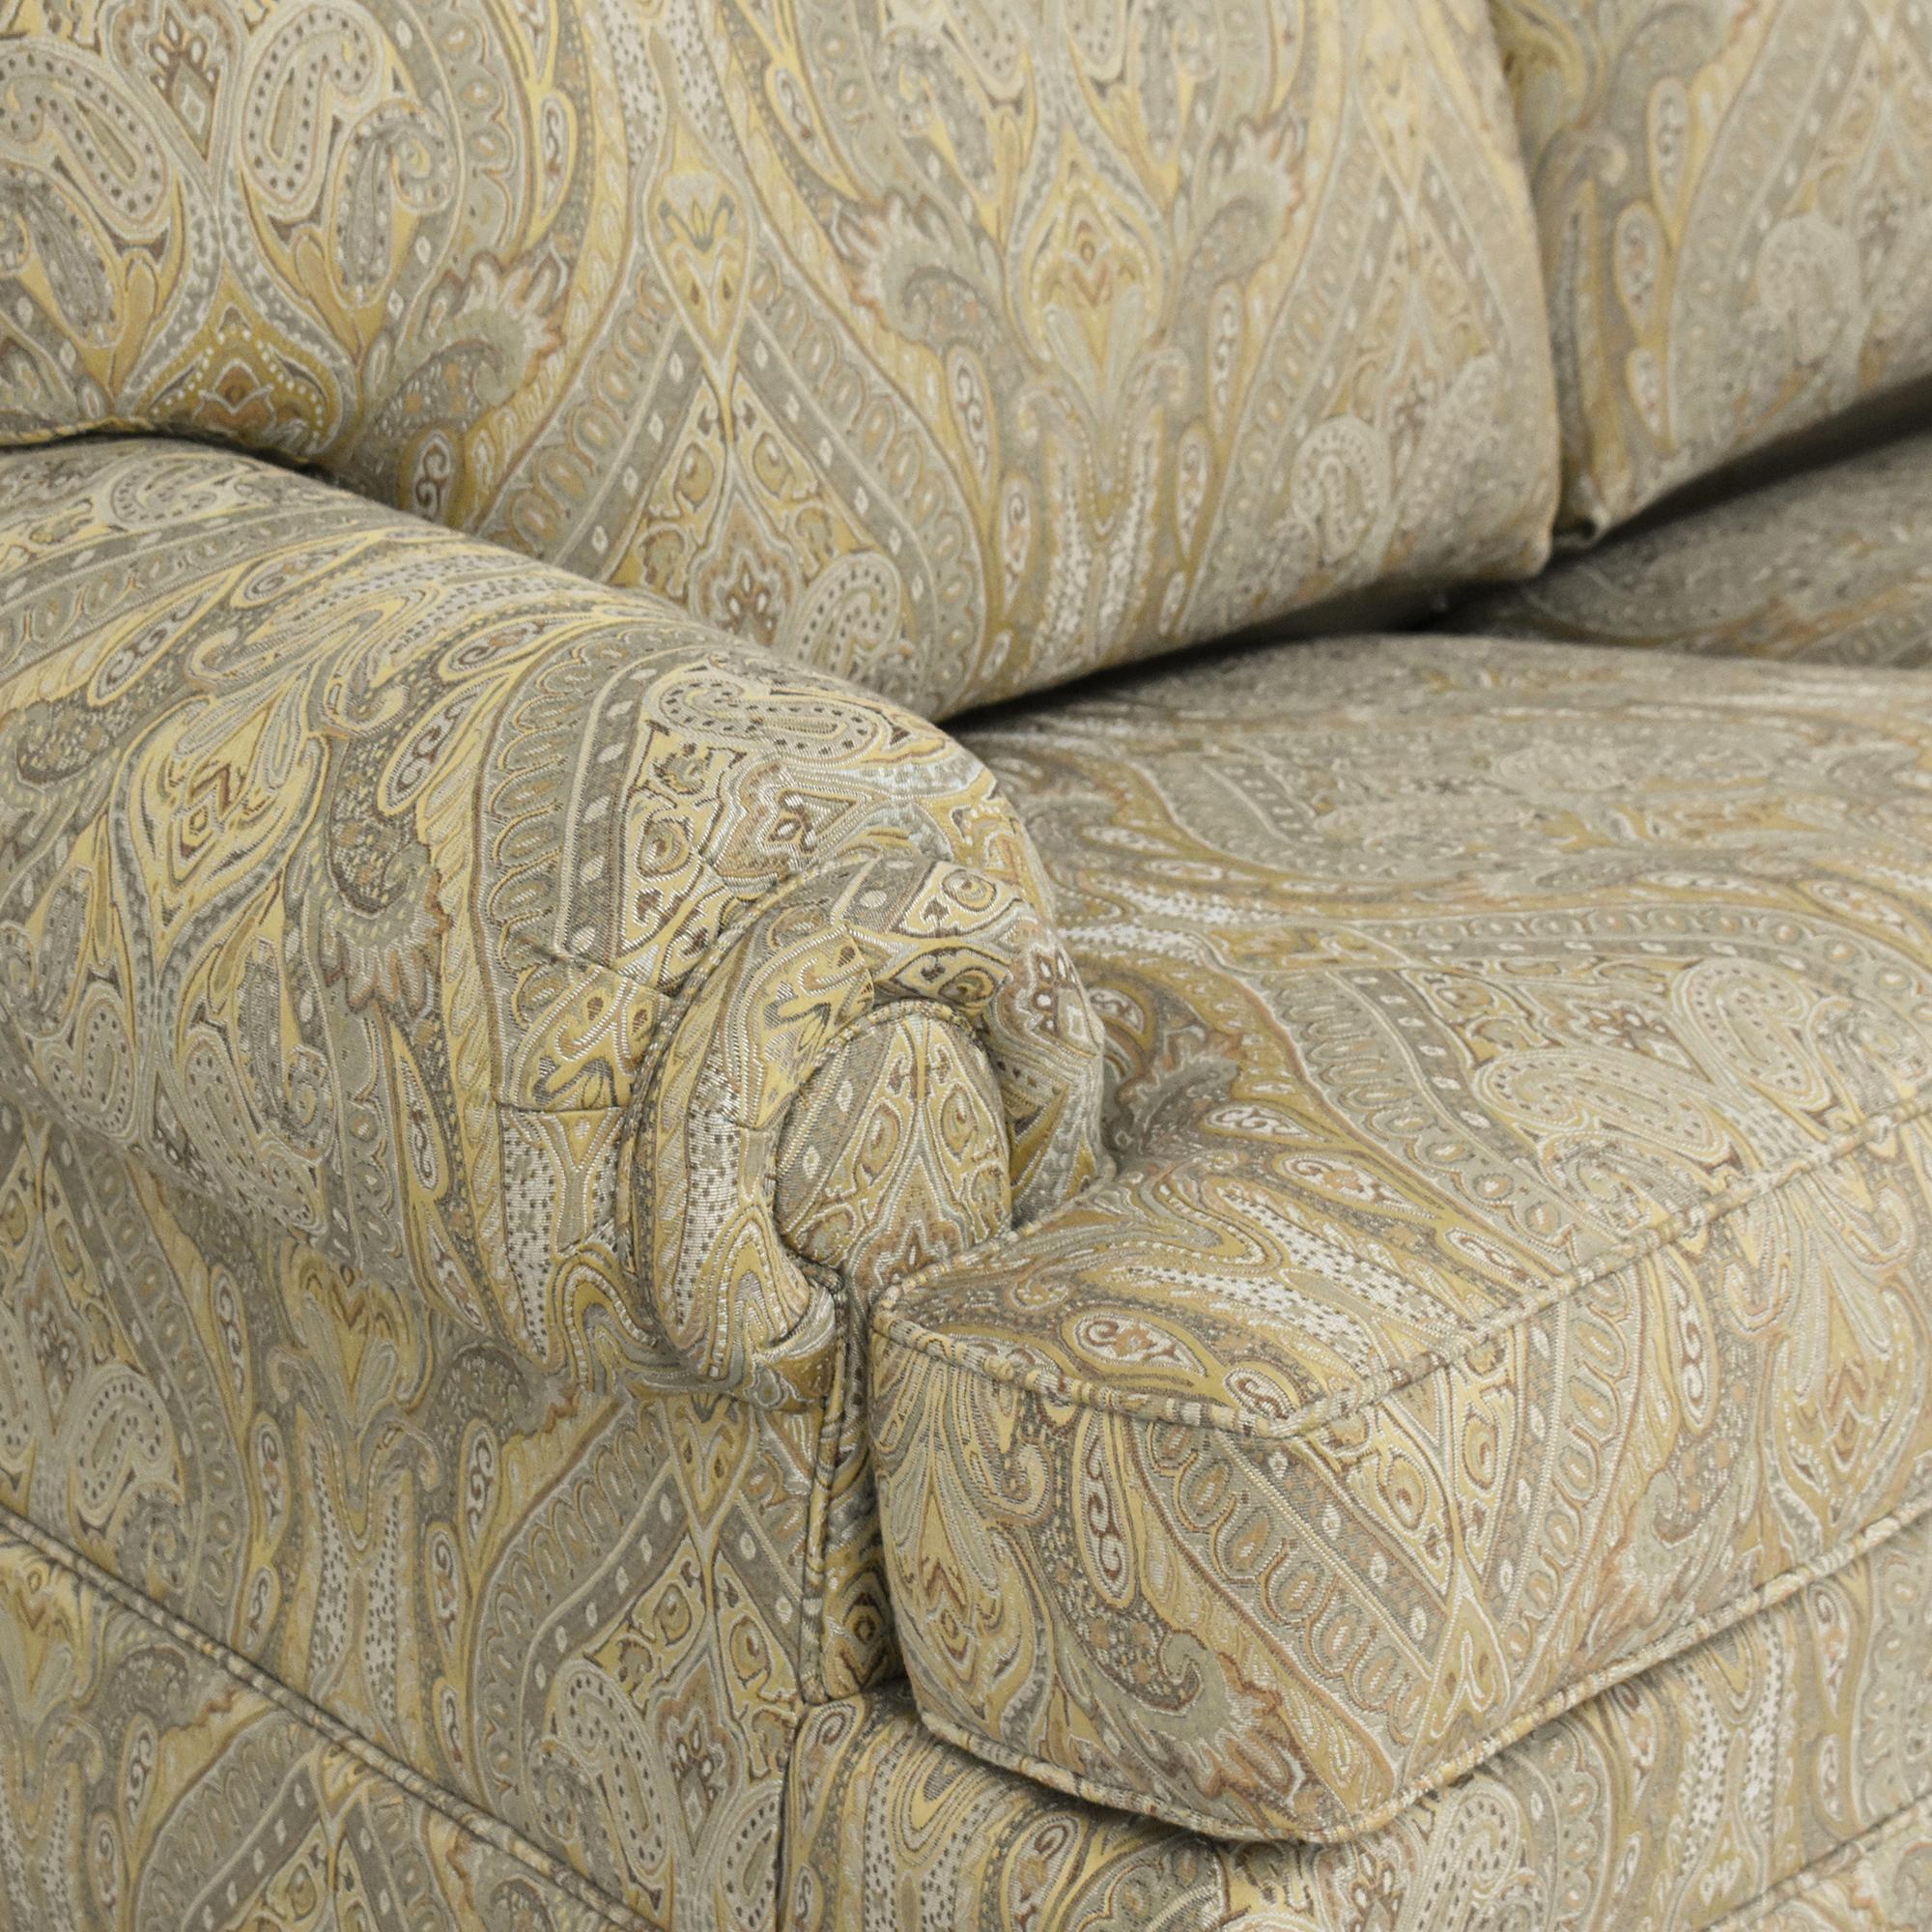 Thomasville Thomasville Paisley Three Cushion Sleeper Sofa nyc